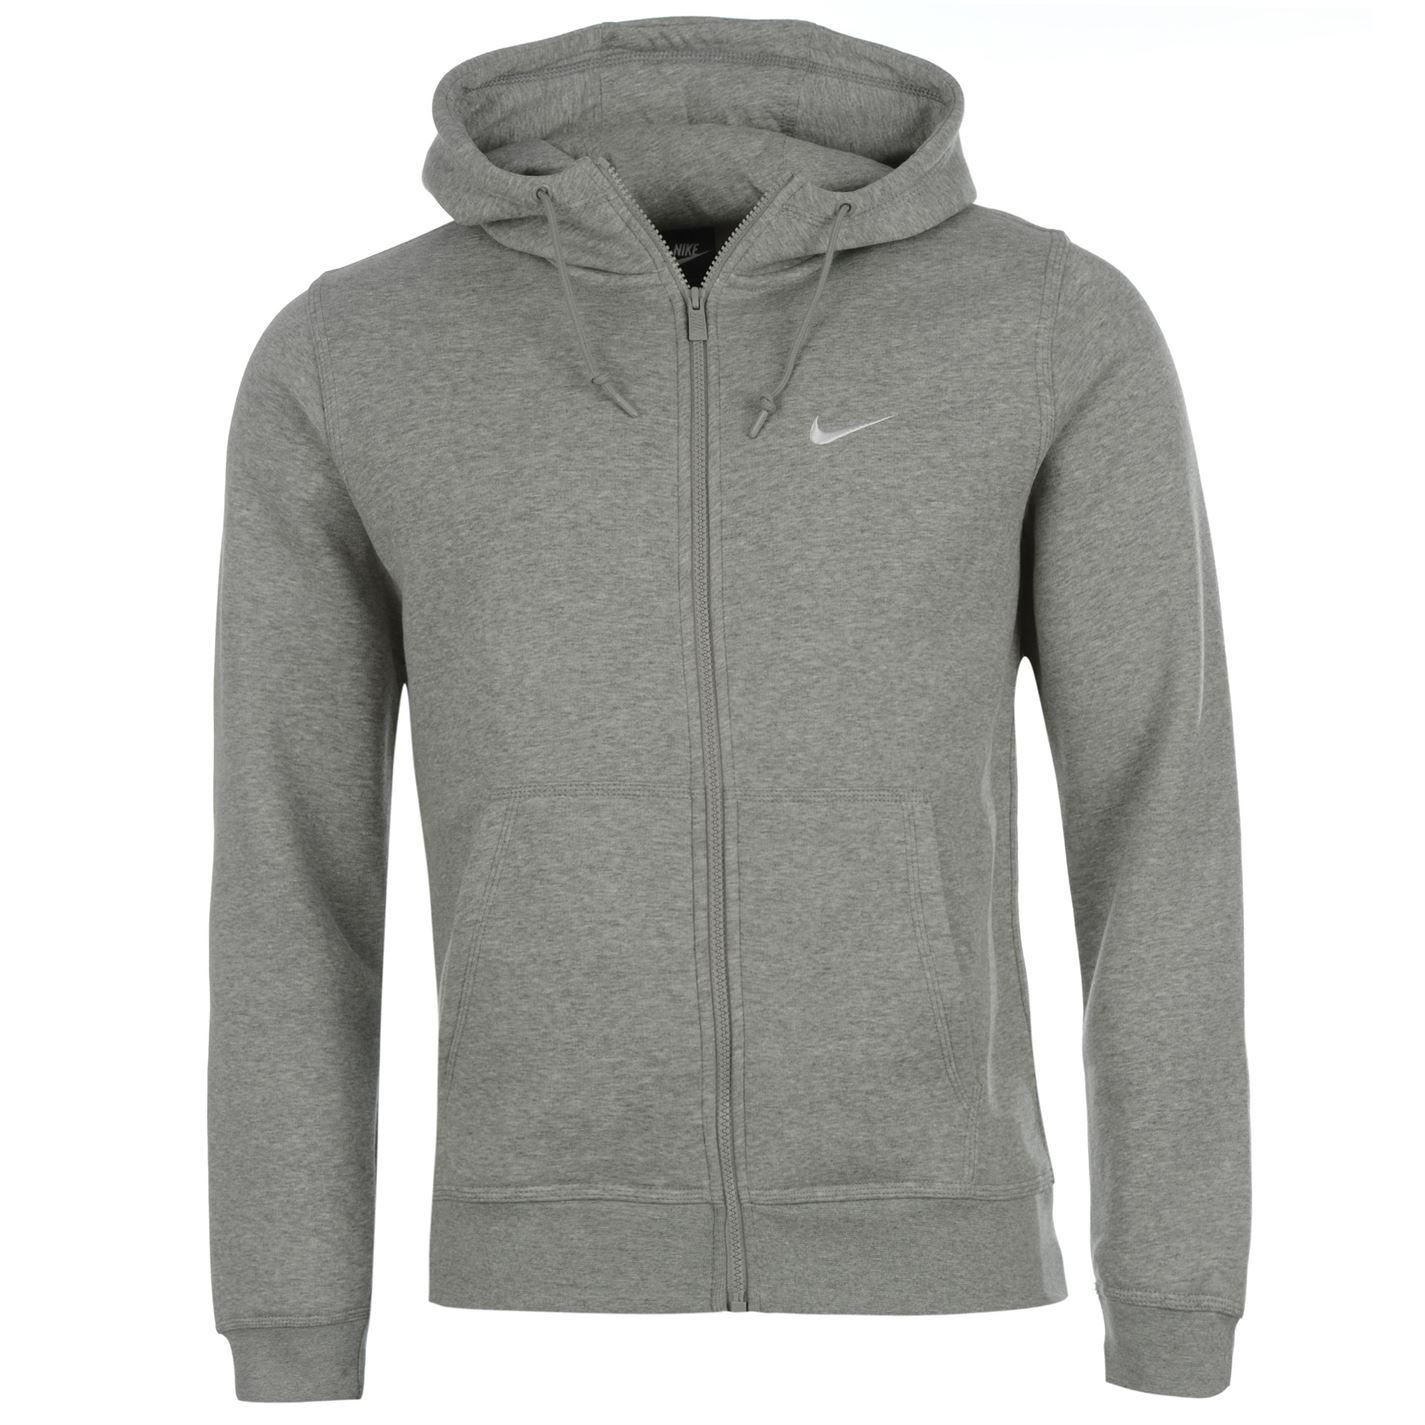 Nike-Fundamentals-Full-Zip-Hoody-Jacket-Mens-Hoodie-Sweatshirt-Sweater-Top thumbnail 19